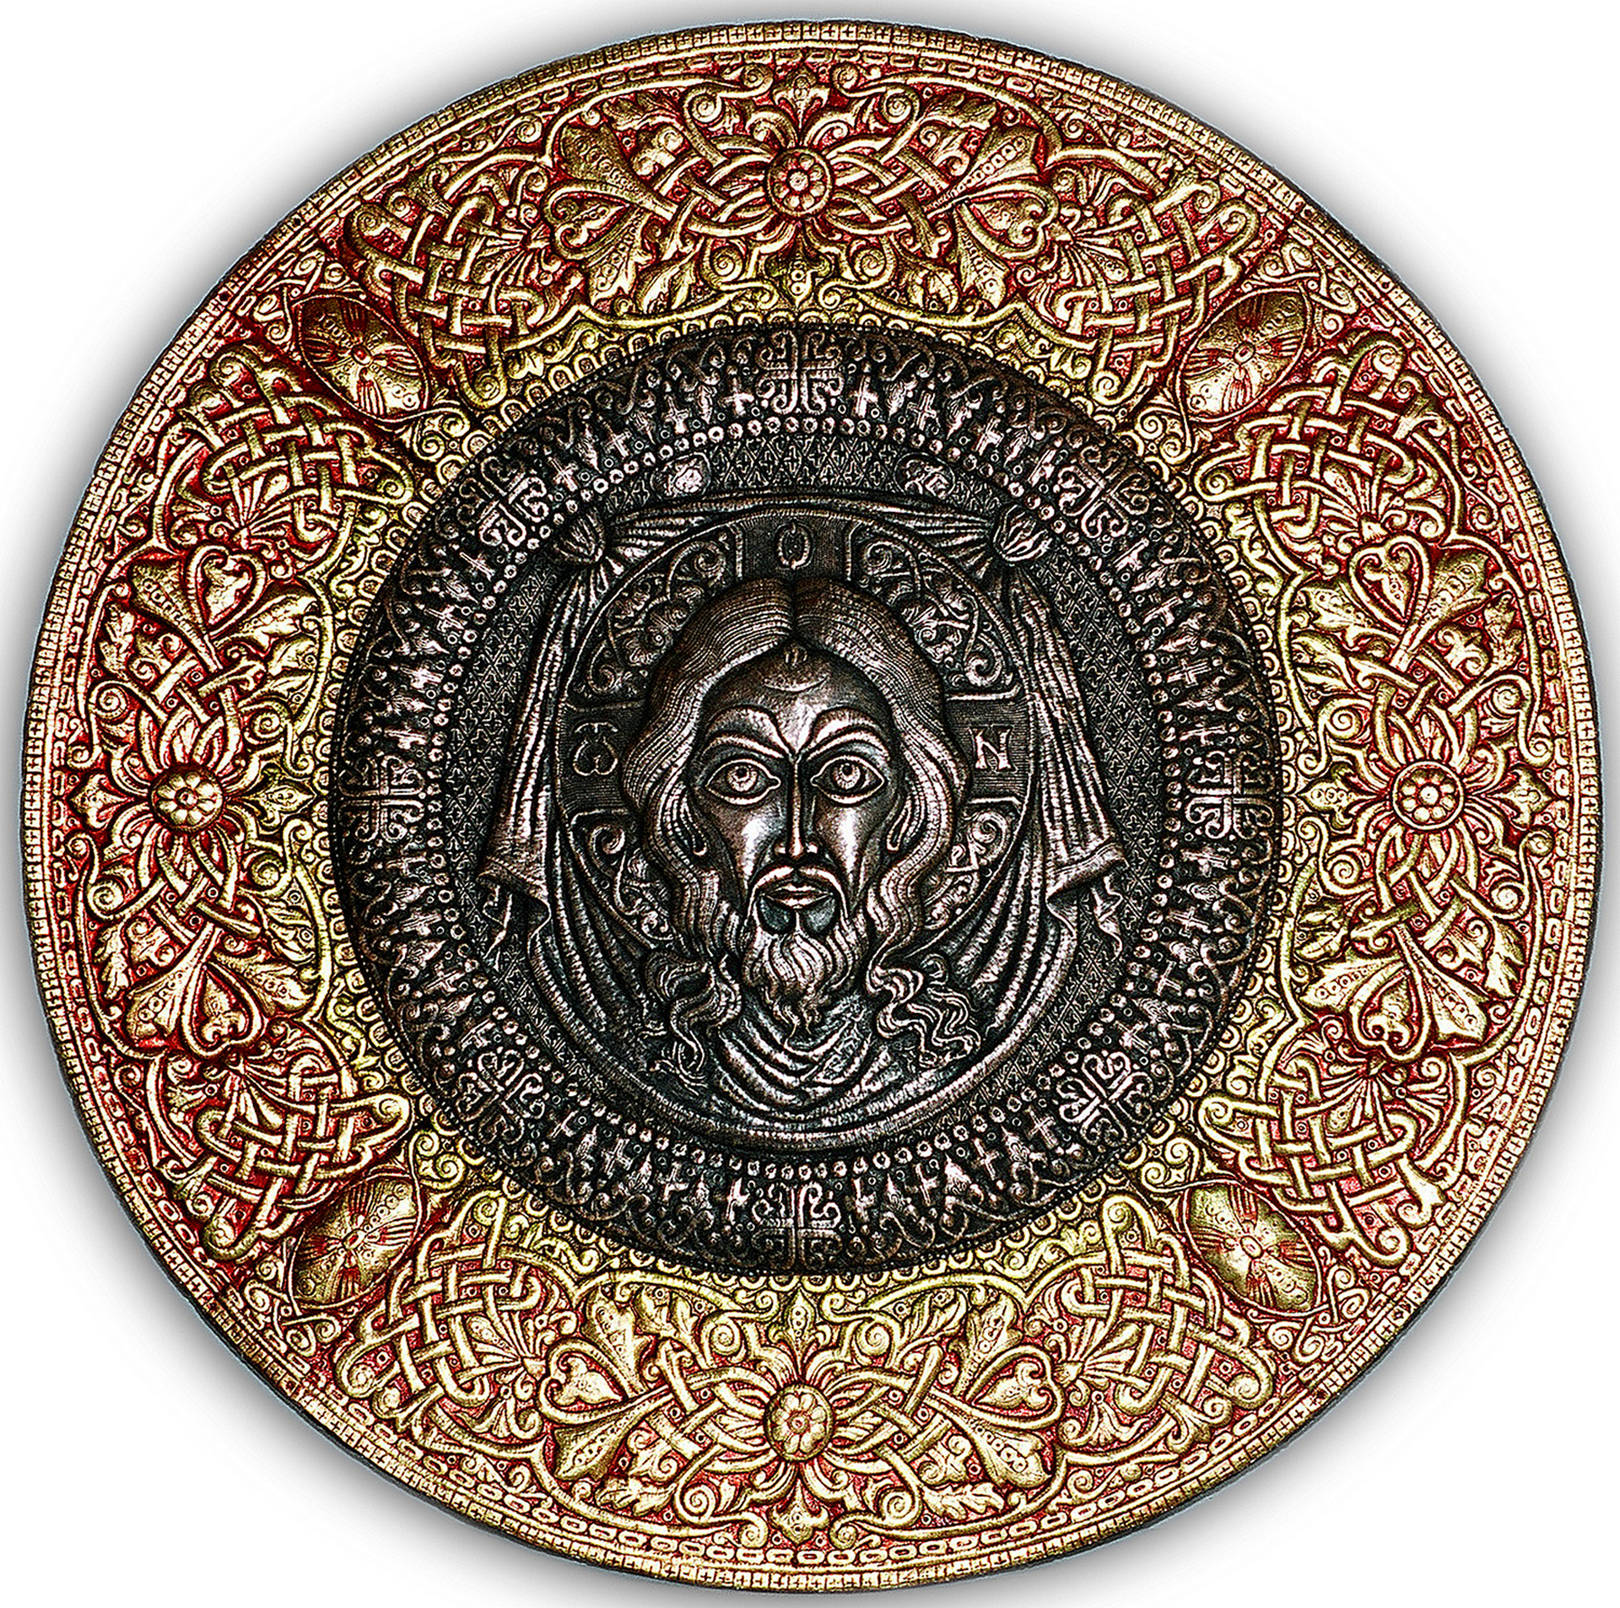 Спас Нерукотворный (панно-рондо) 2007 г. Медь, анодированный алюминий; чернение, холодная эмаль. Дм. 100 см